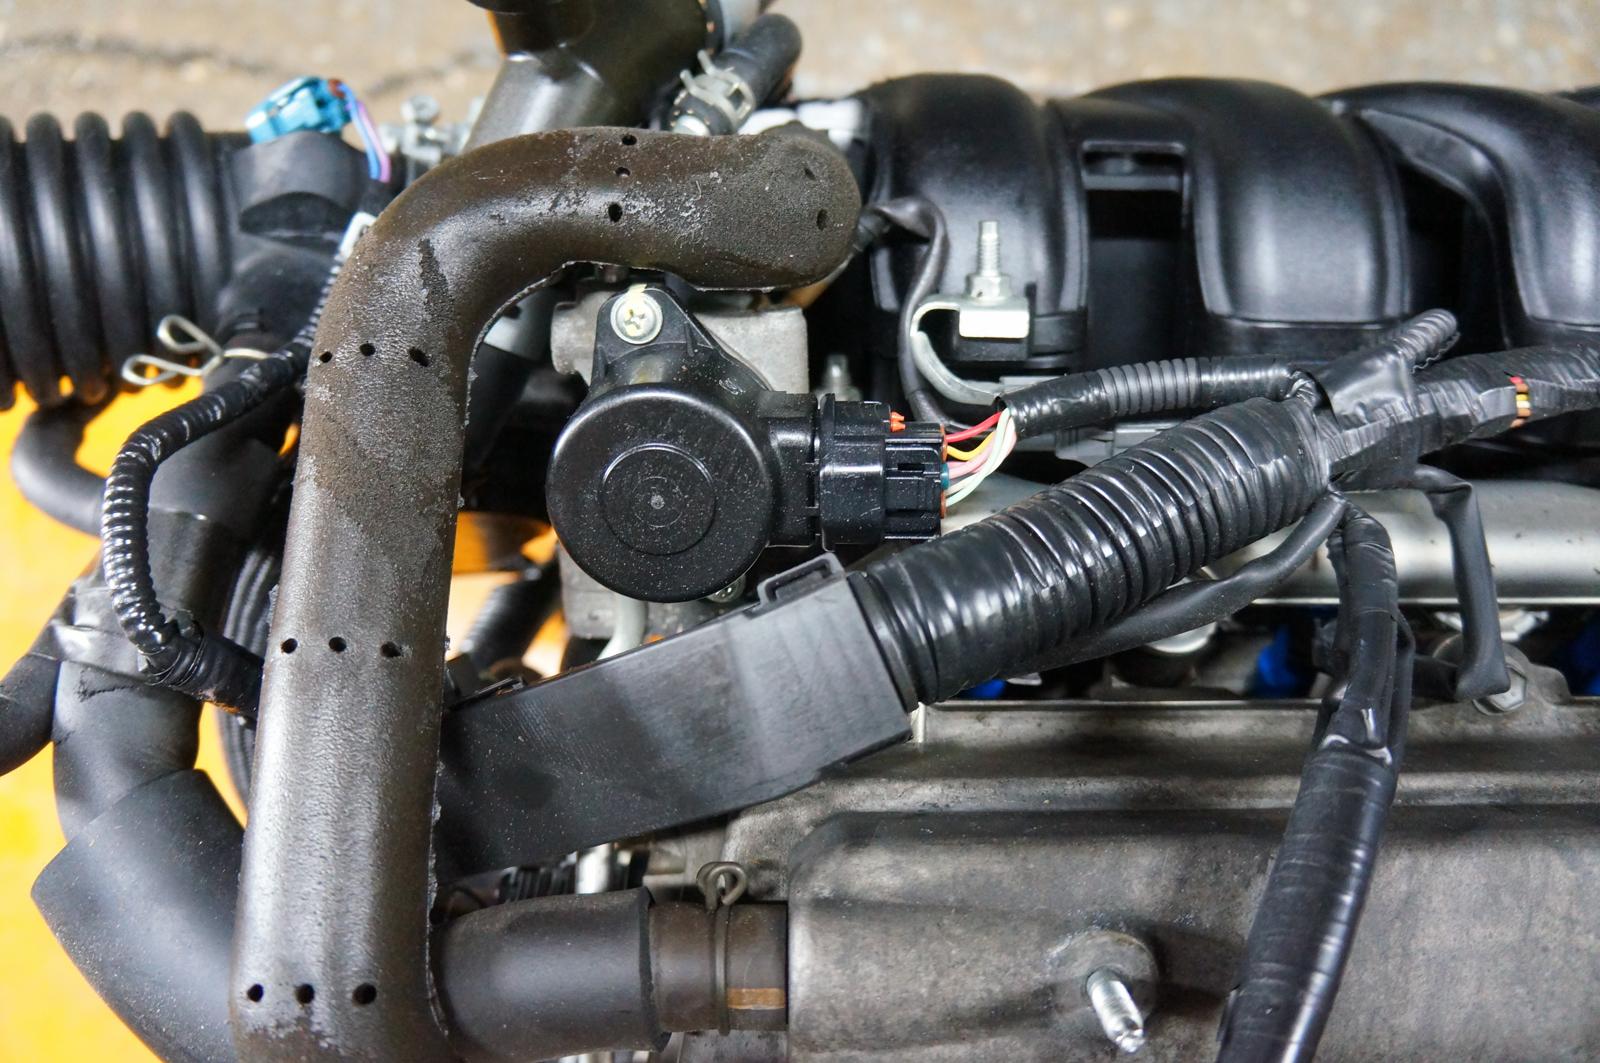 00 01 02 03 04 05 TOYOTA ECHO 1NZ-FE ENGINE VVTi 1.5L JDM 1NZ